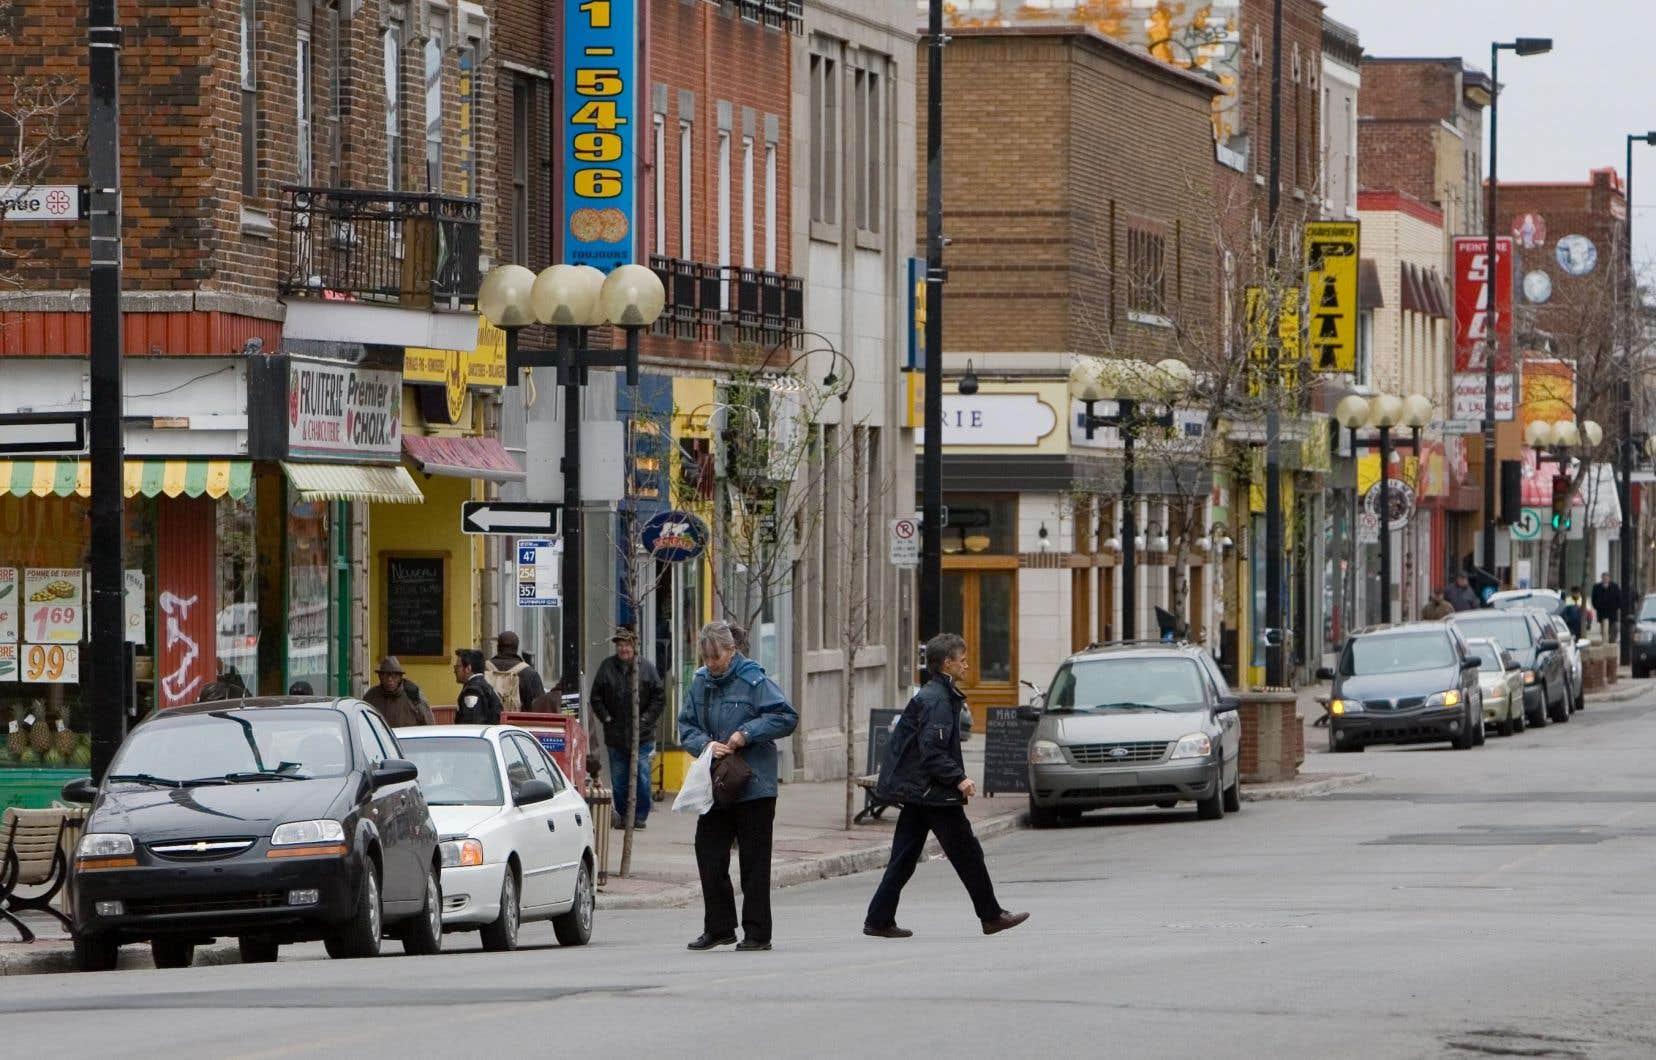 La rue Masson ne sera pas fermée à la circulation automobile en raison de nouvelles directives de la Santé publique, selon l'arrondissement de Rosemont-La Petite-Patrie.